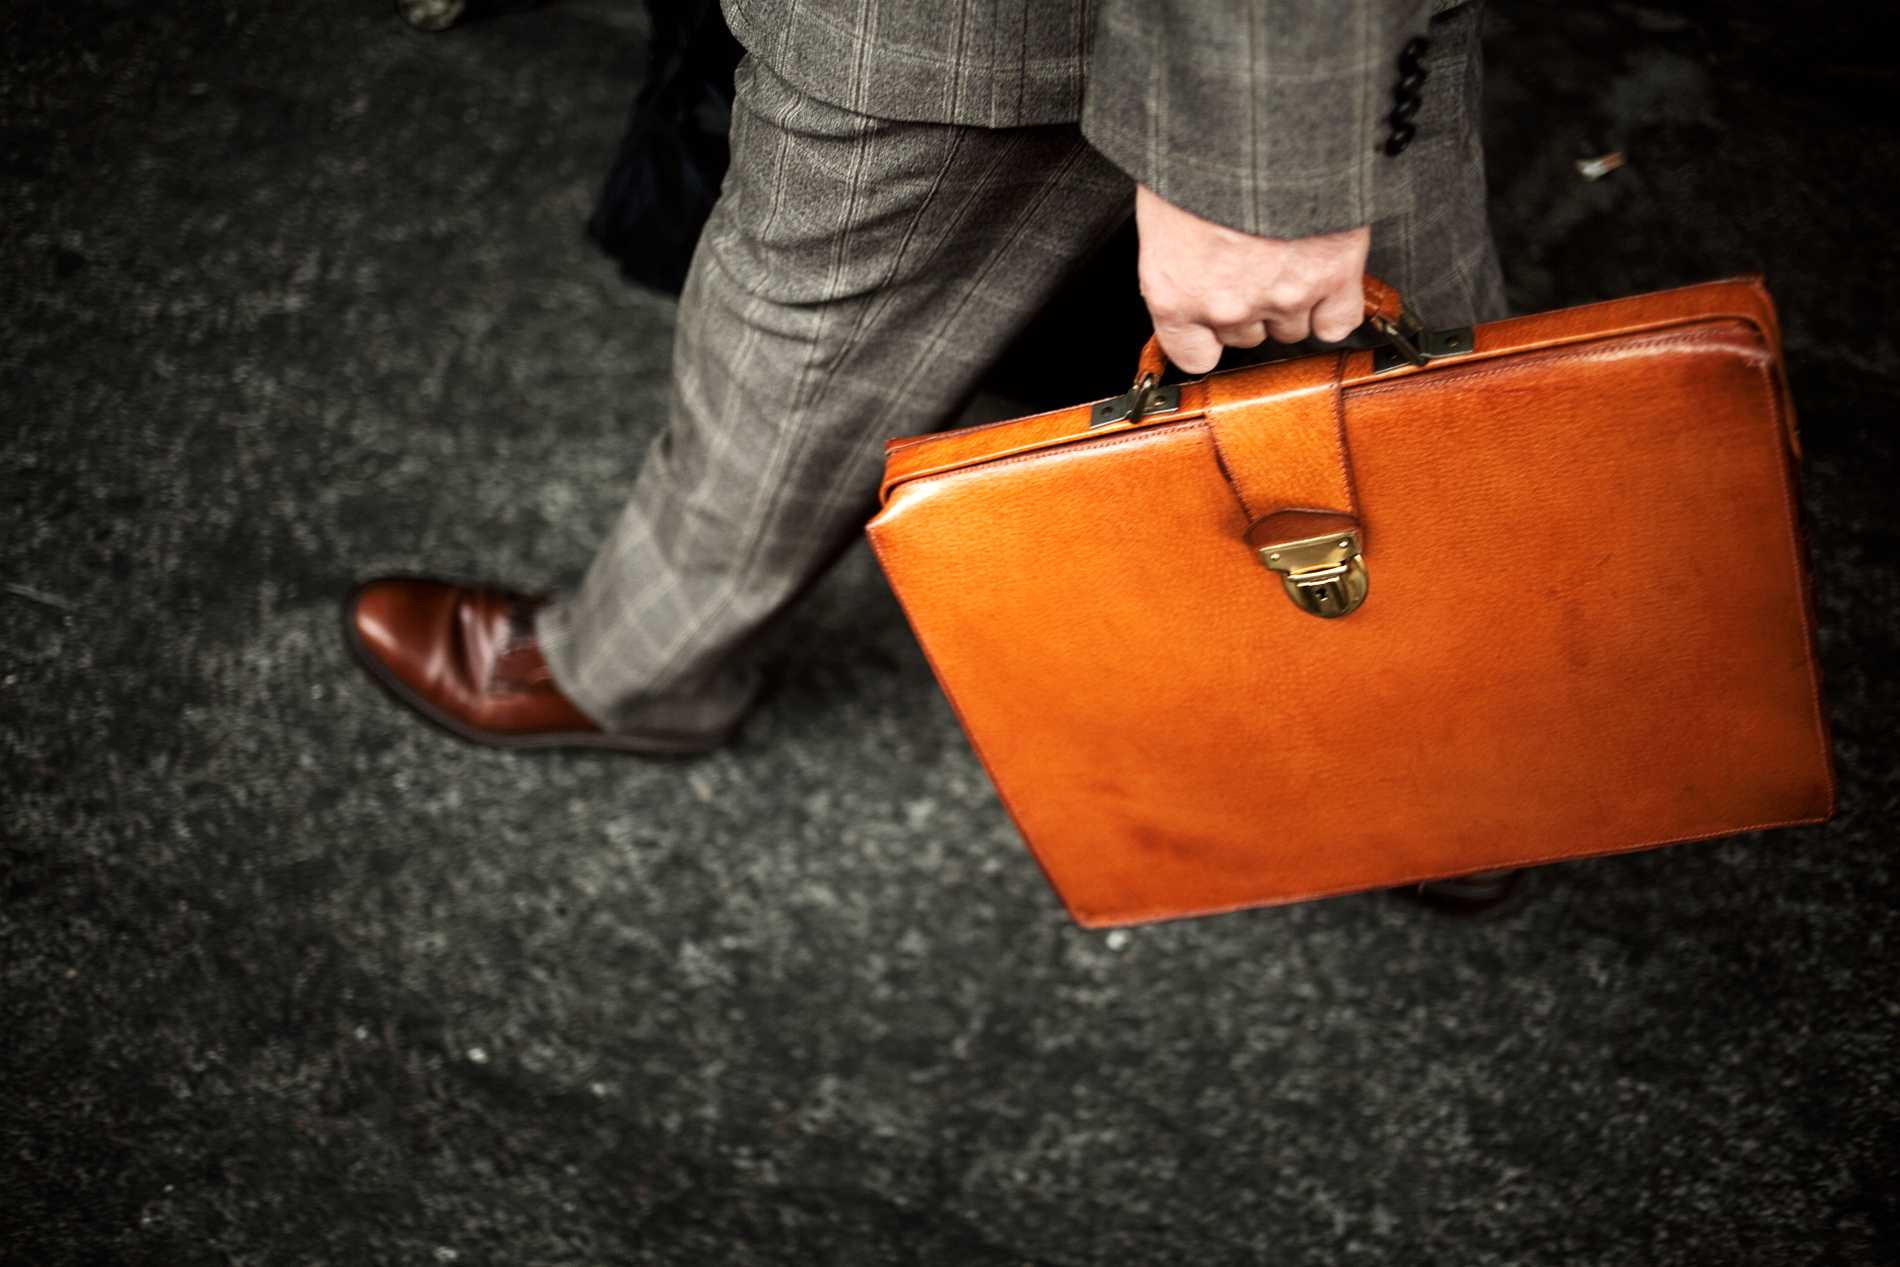 Bland jurister är personalägande av byrån vanligt. Frågan är varför det inte är det i omsorgen också.